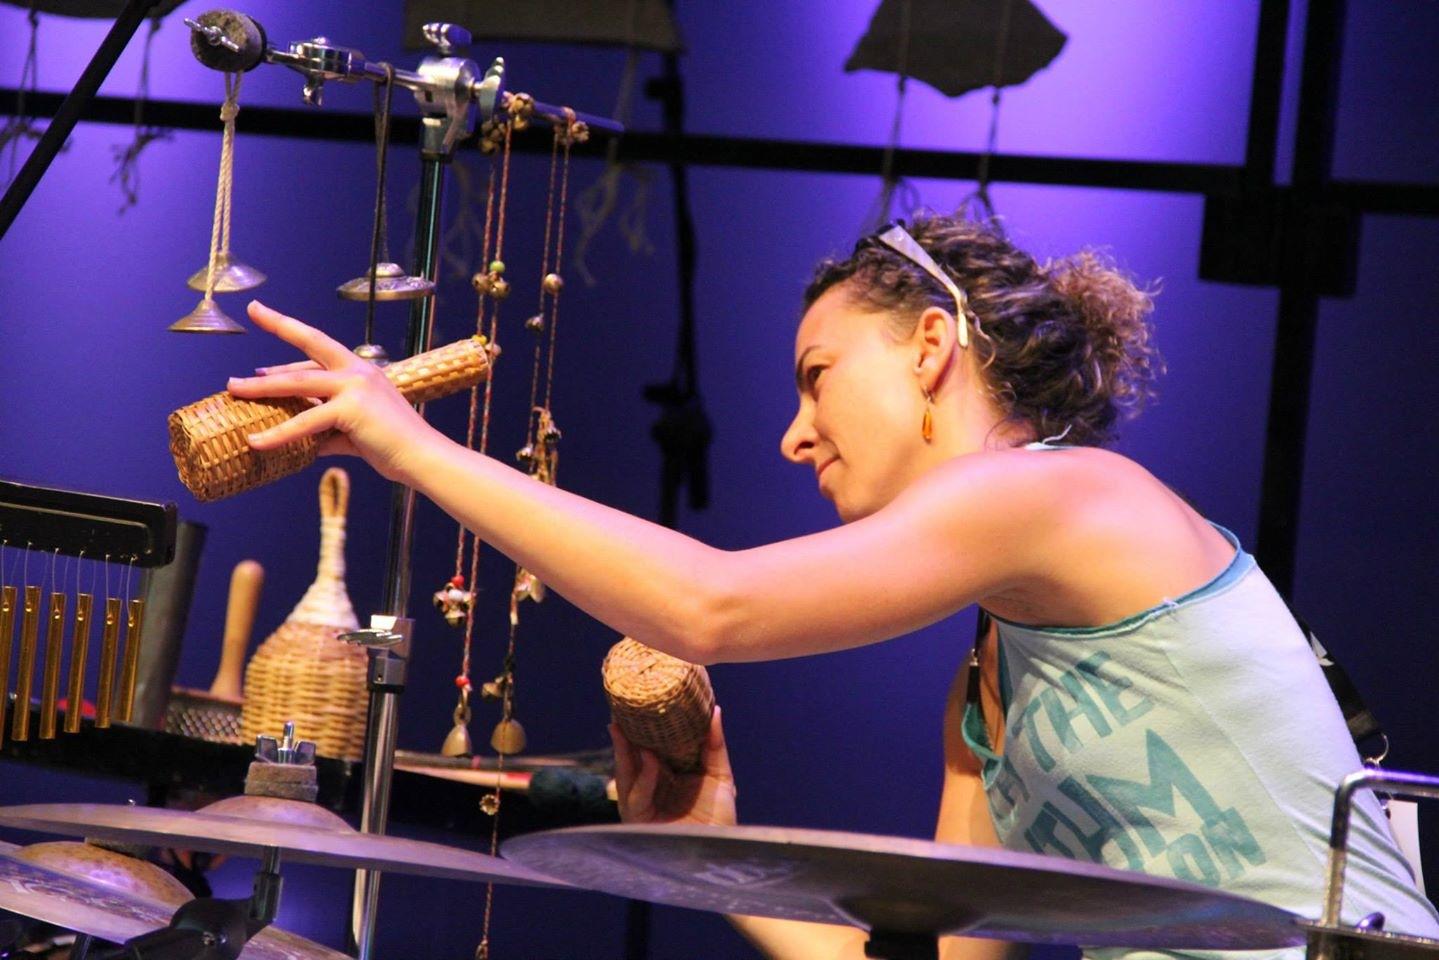 El Festival Internacional de Percusión Ritmos Handmade se desarrolla en el Puerto de la Cruz